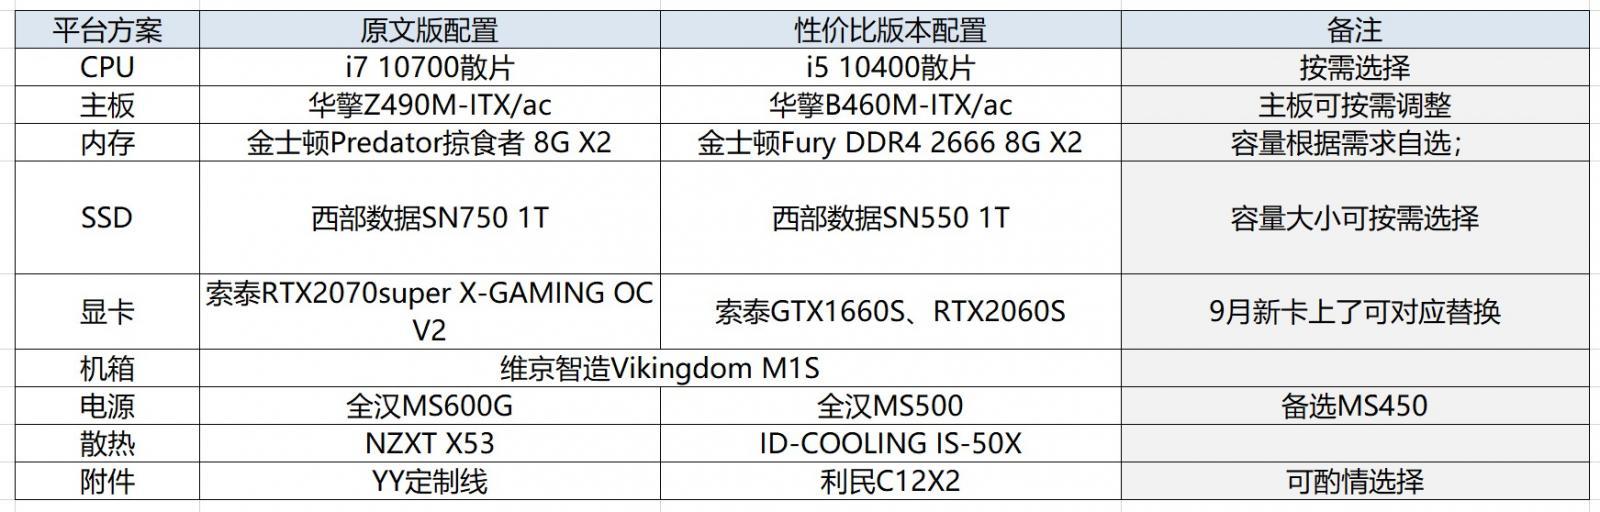 万元预算的黑灰冷淡系ITX小钢炮主机